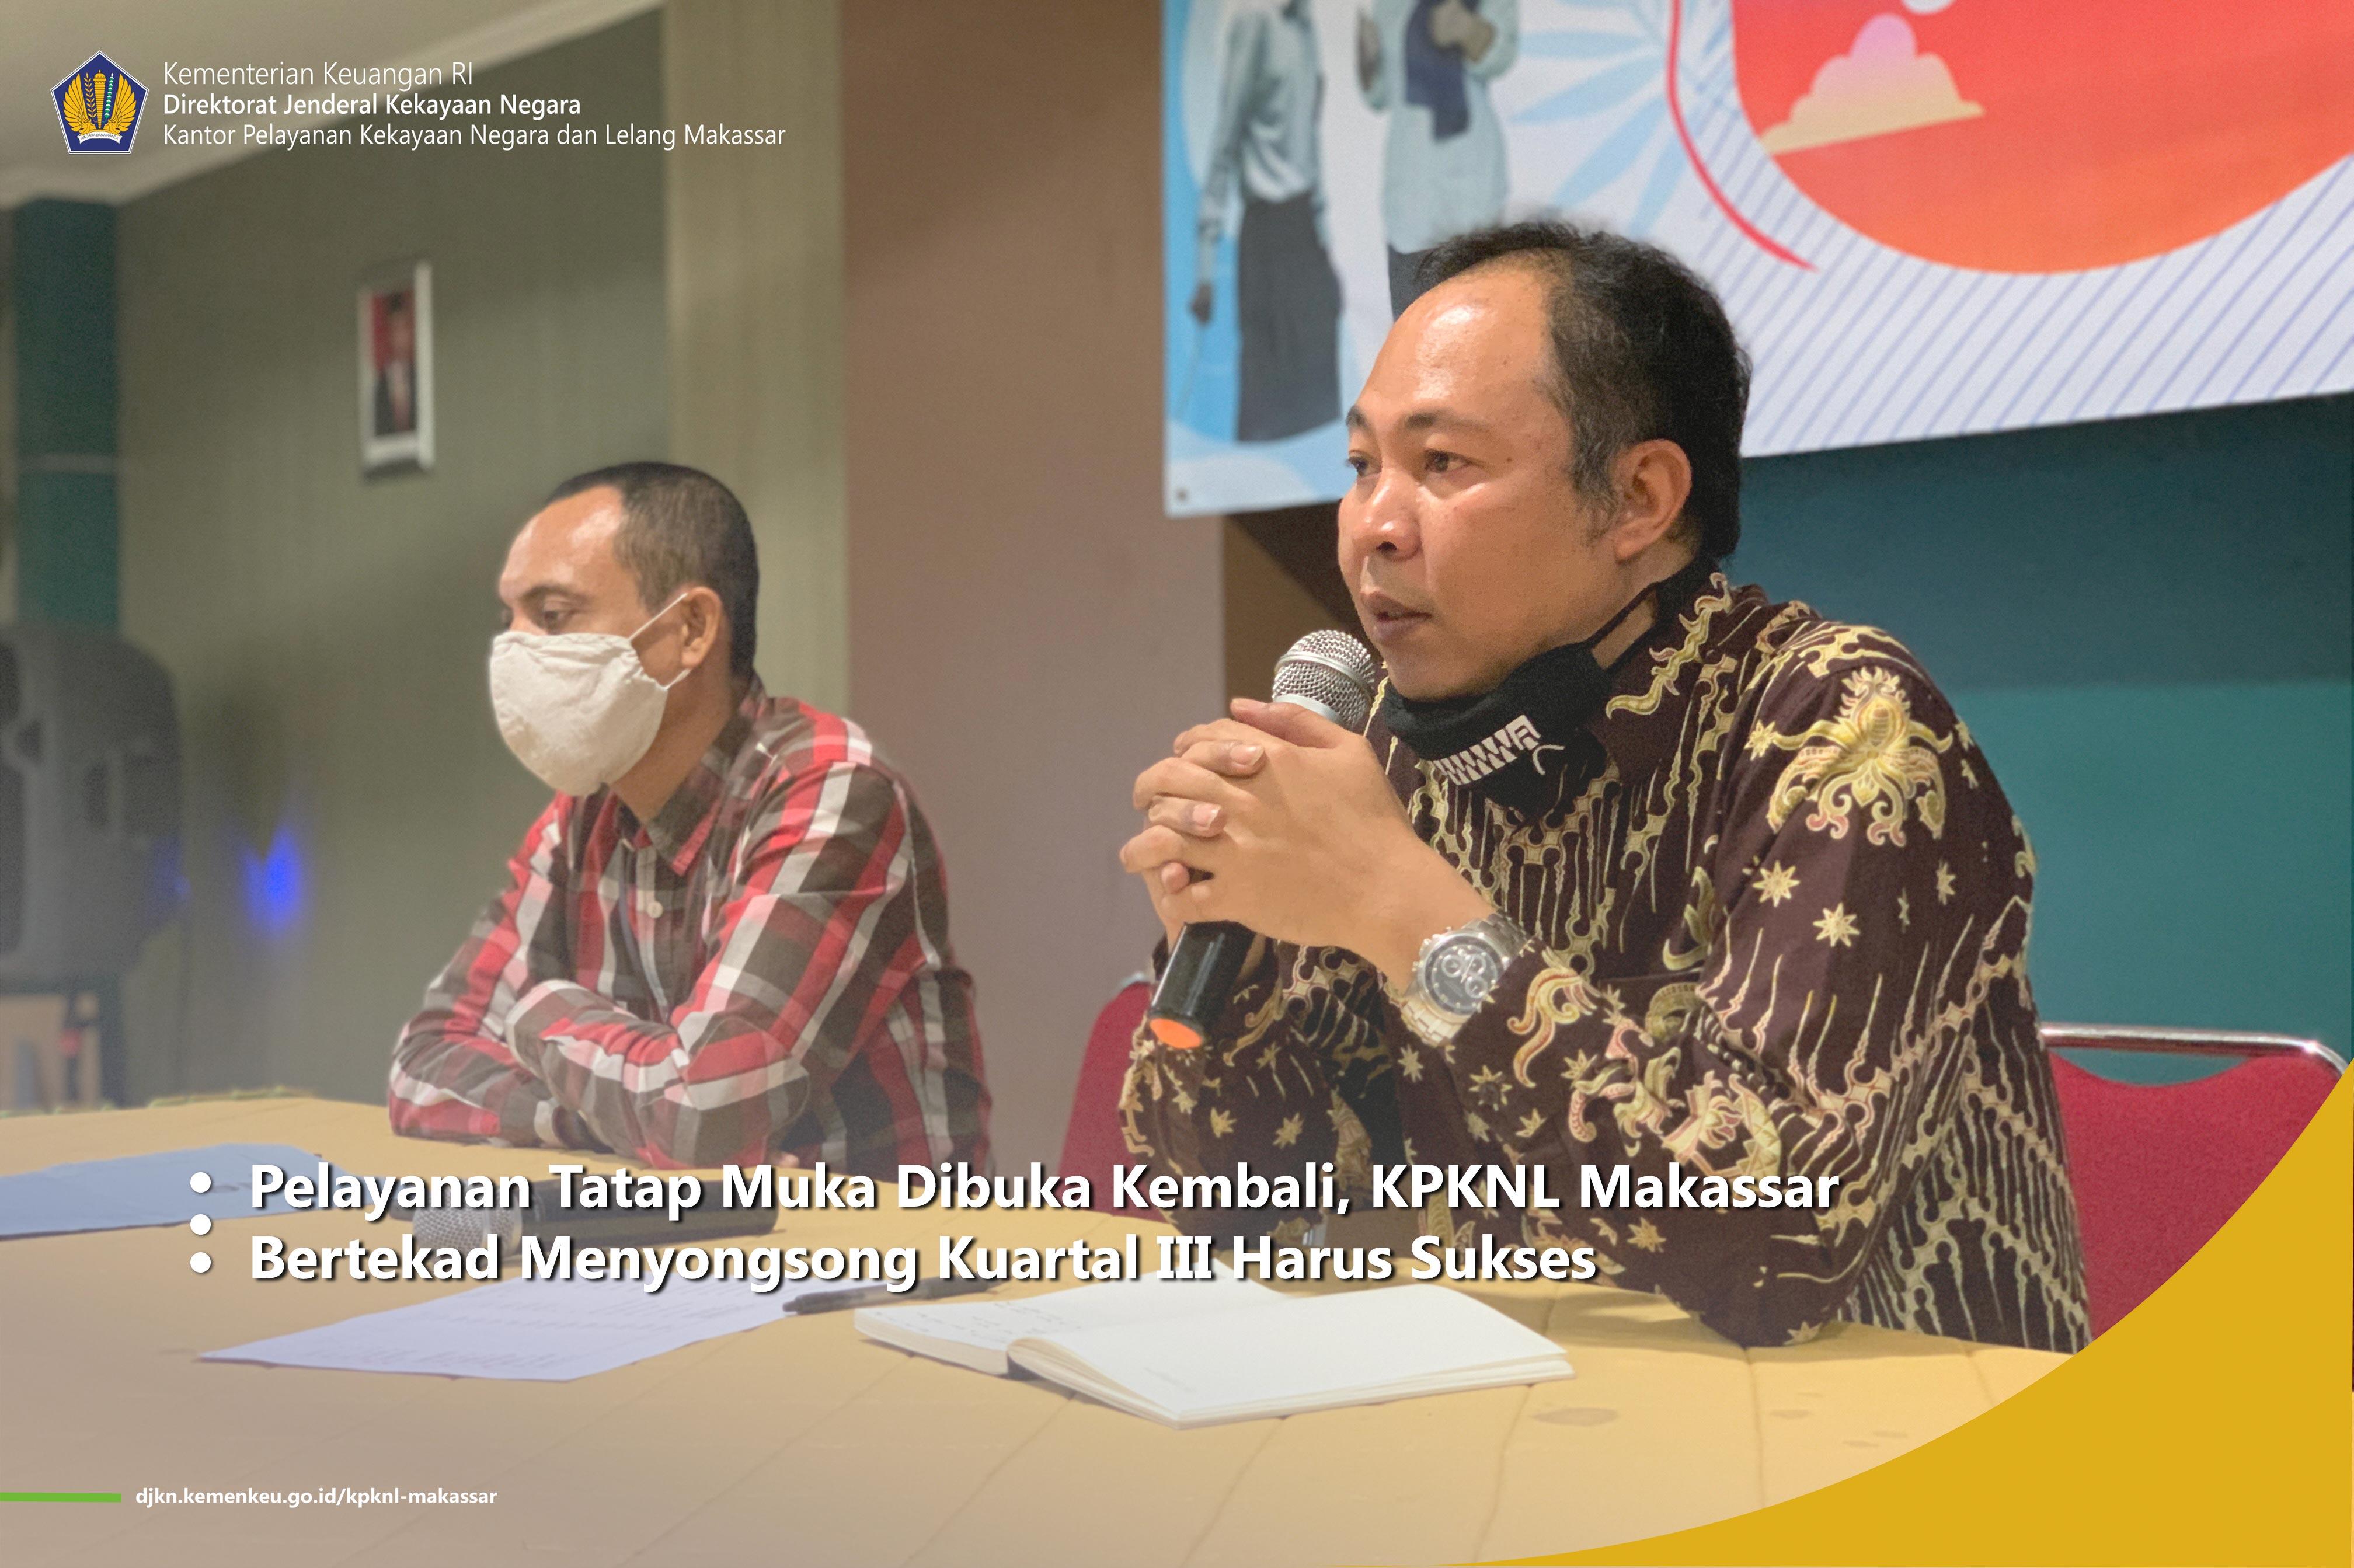 Pelayanan Tatap Muka Dibuka Kembali, KPKNL Makassar Bertekad Menyongsong Kuartal III Harus Sukses